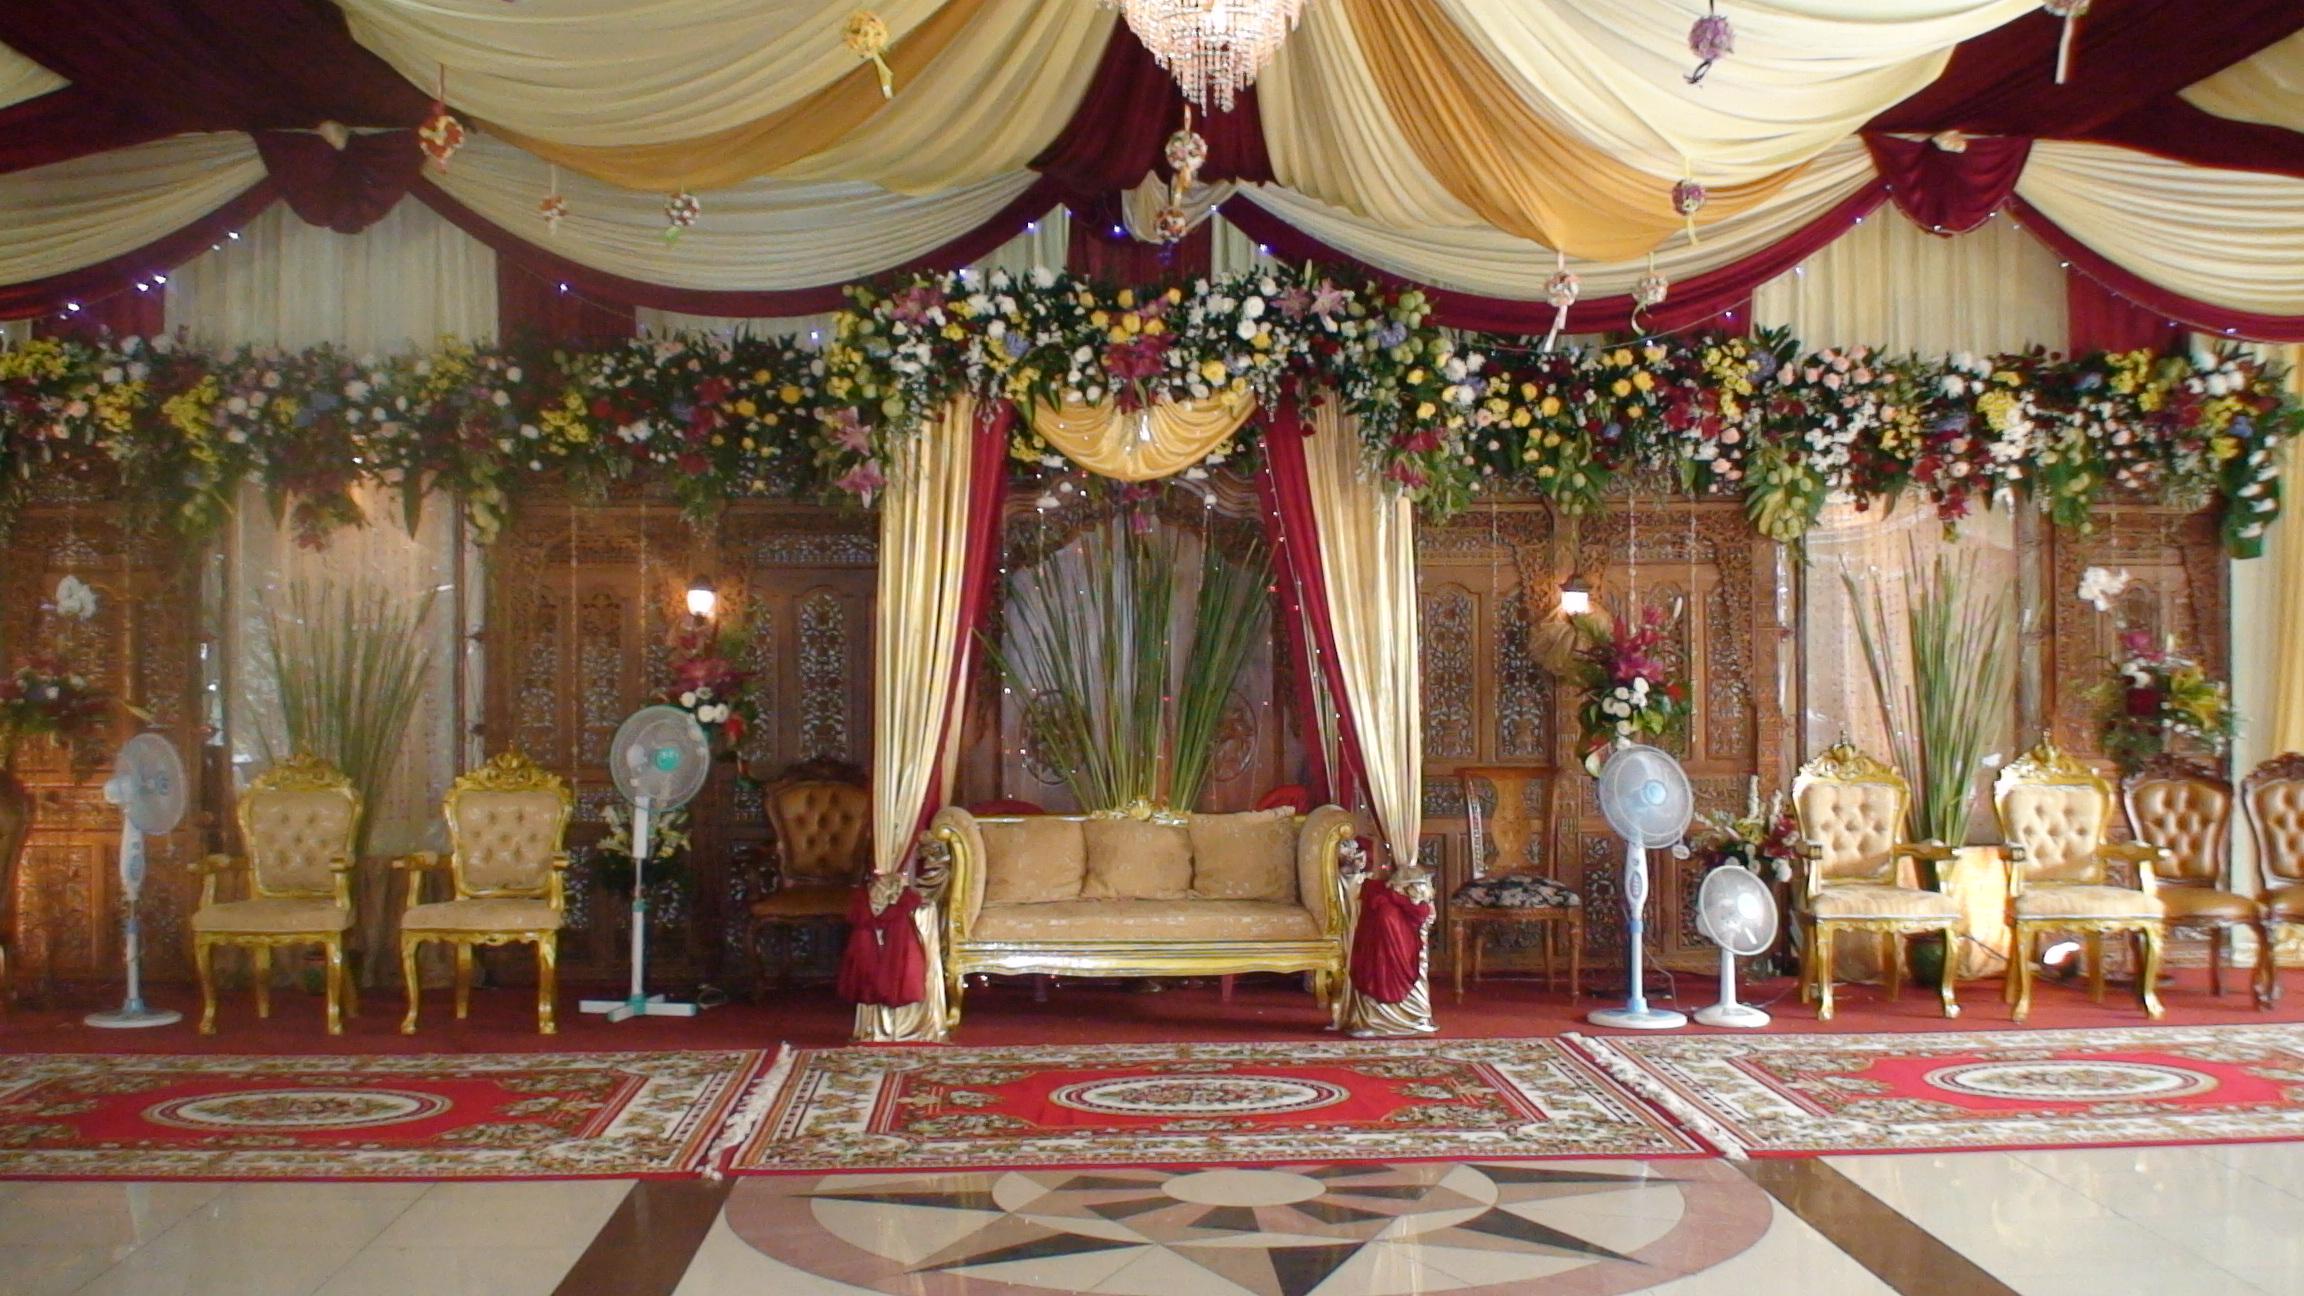 SALON WULANDARI Salon Wulandari Kepahiang Melayani Tata